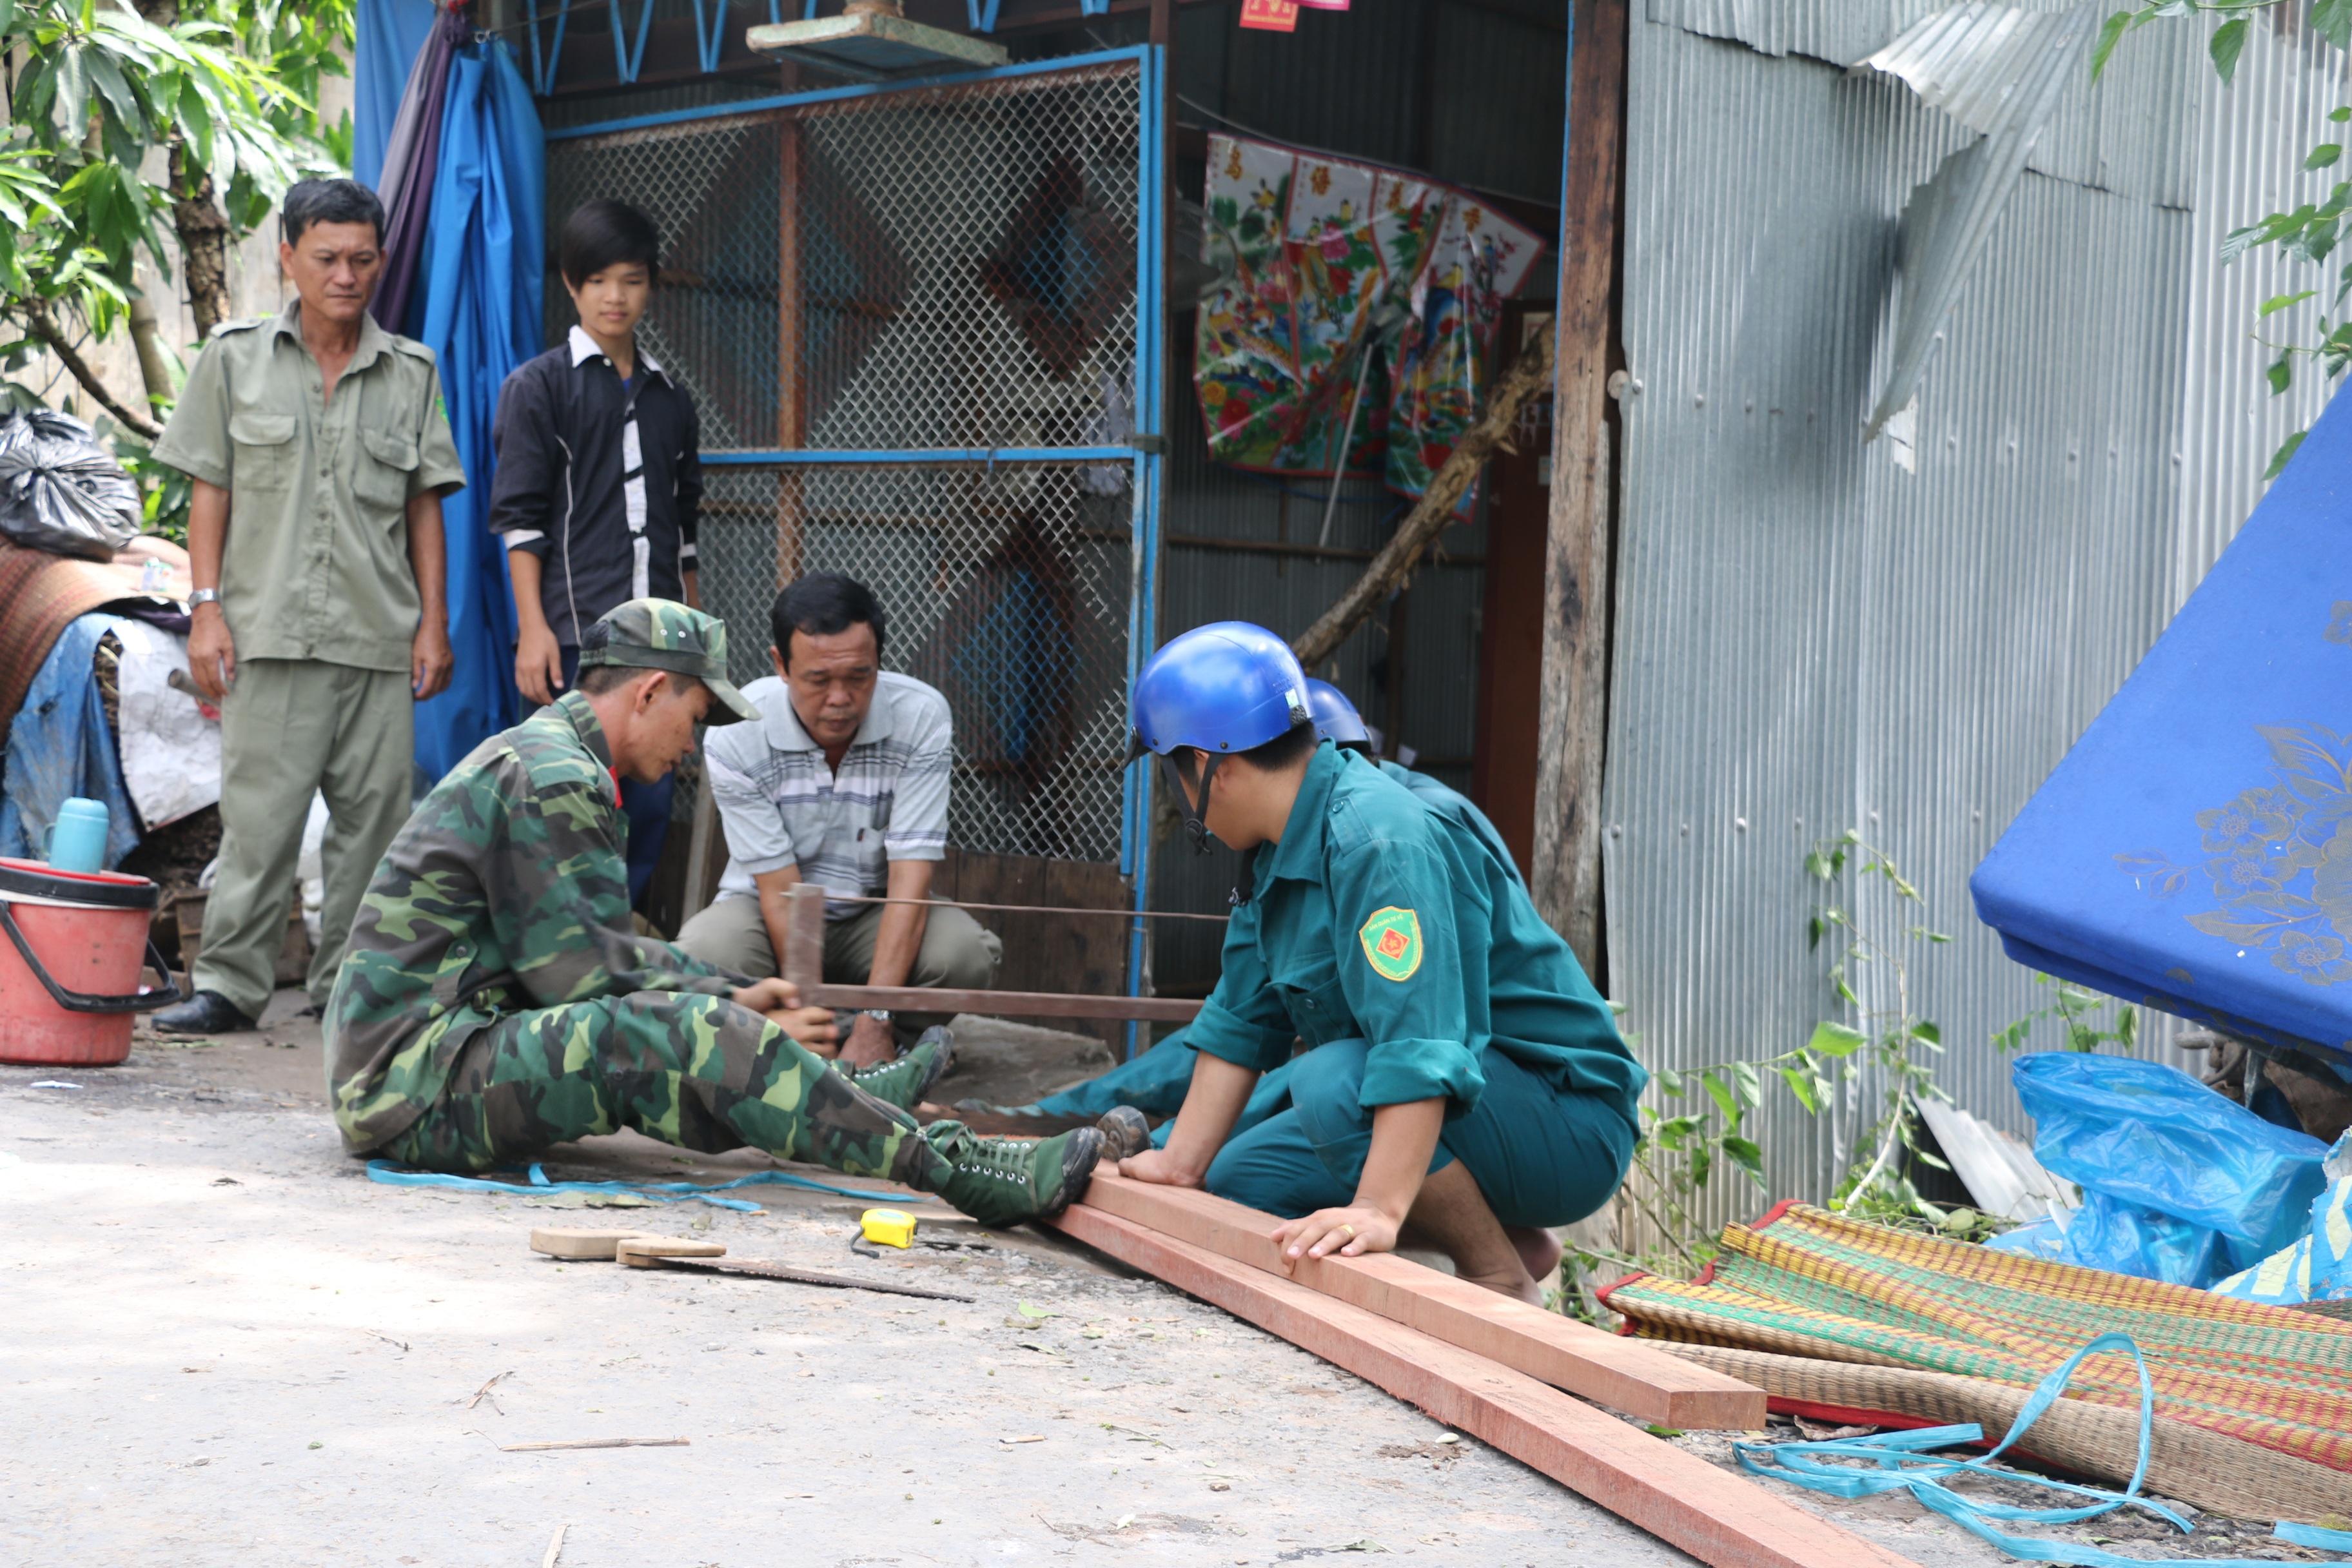 Ngay sau khi xảy ra sự cố, ngành chức năng tỉnh An Giang đã khẩn trương huy động nhiều lực lượng tham gia hỗ trợ người dân sửa lại nhà